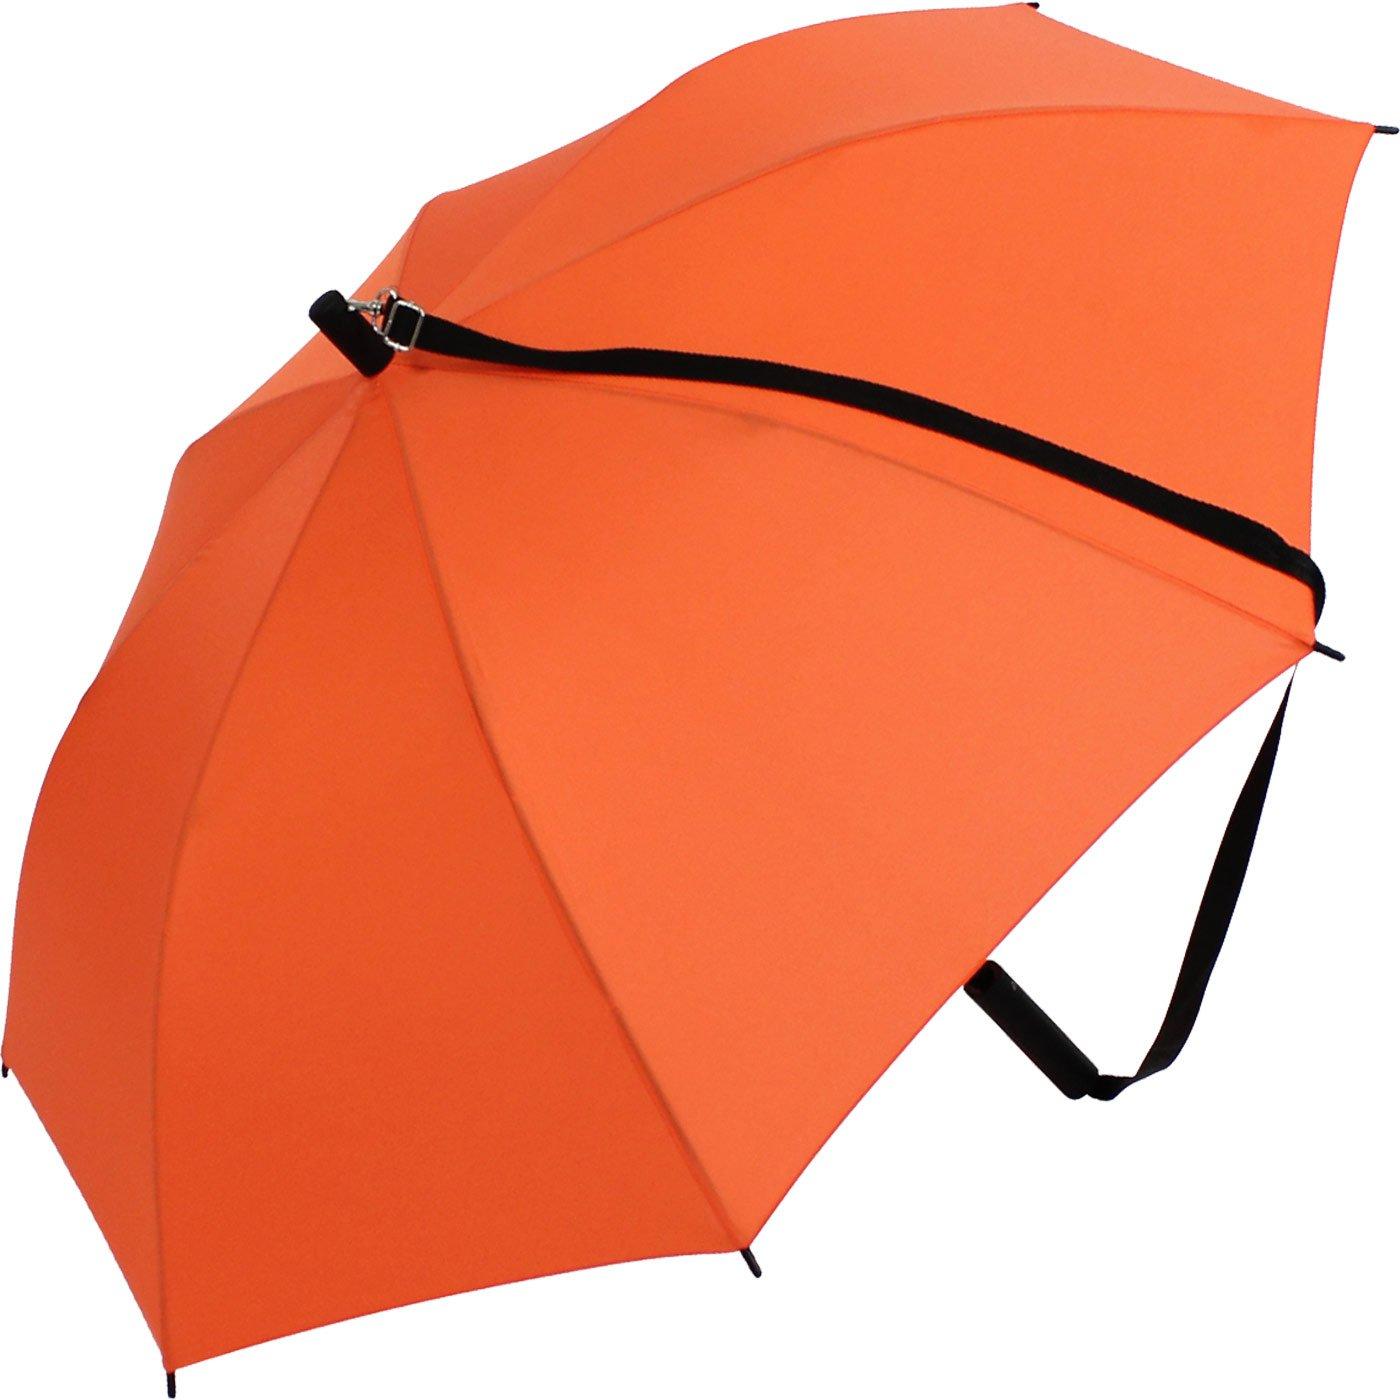 iX Brella, ombrello con tracolla a spalla, l'automatico permette di avere le mani libere Giallo gelb 100 cm